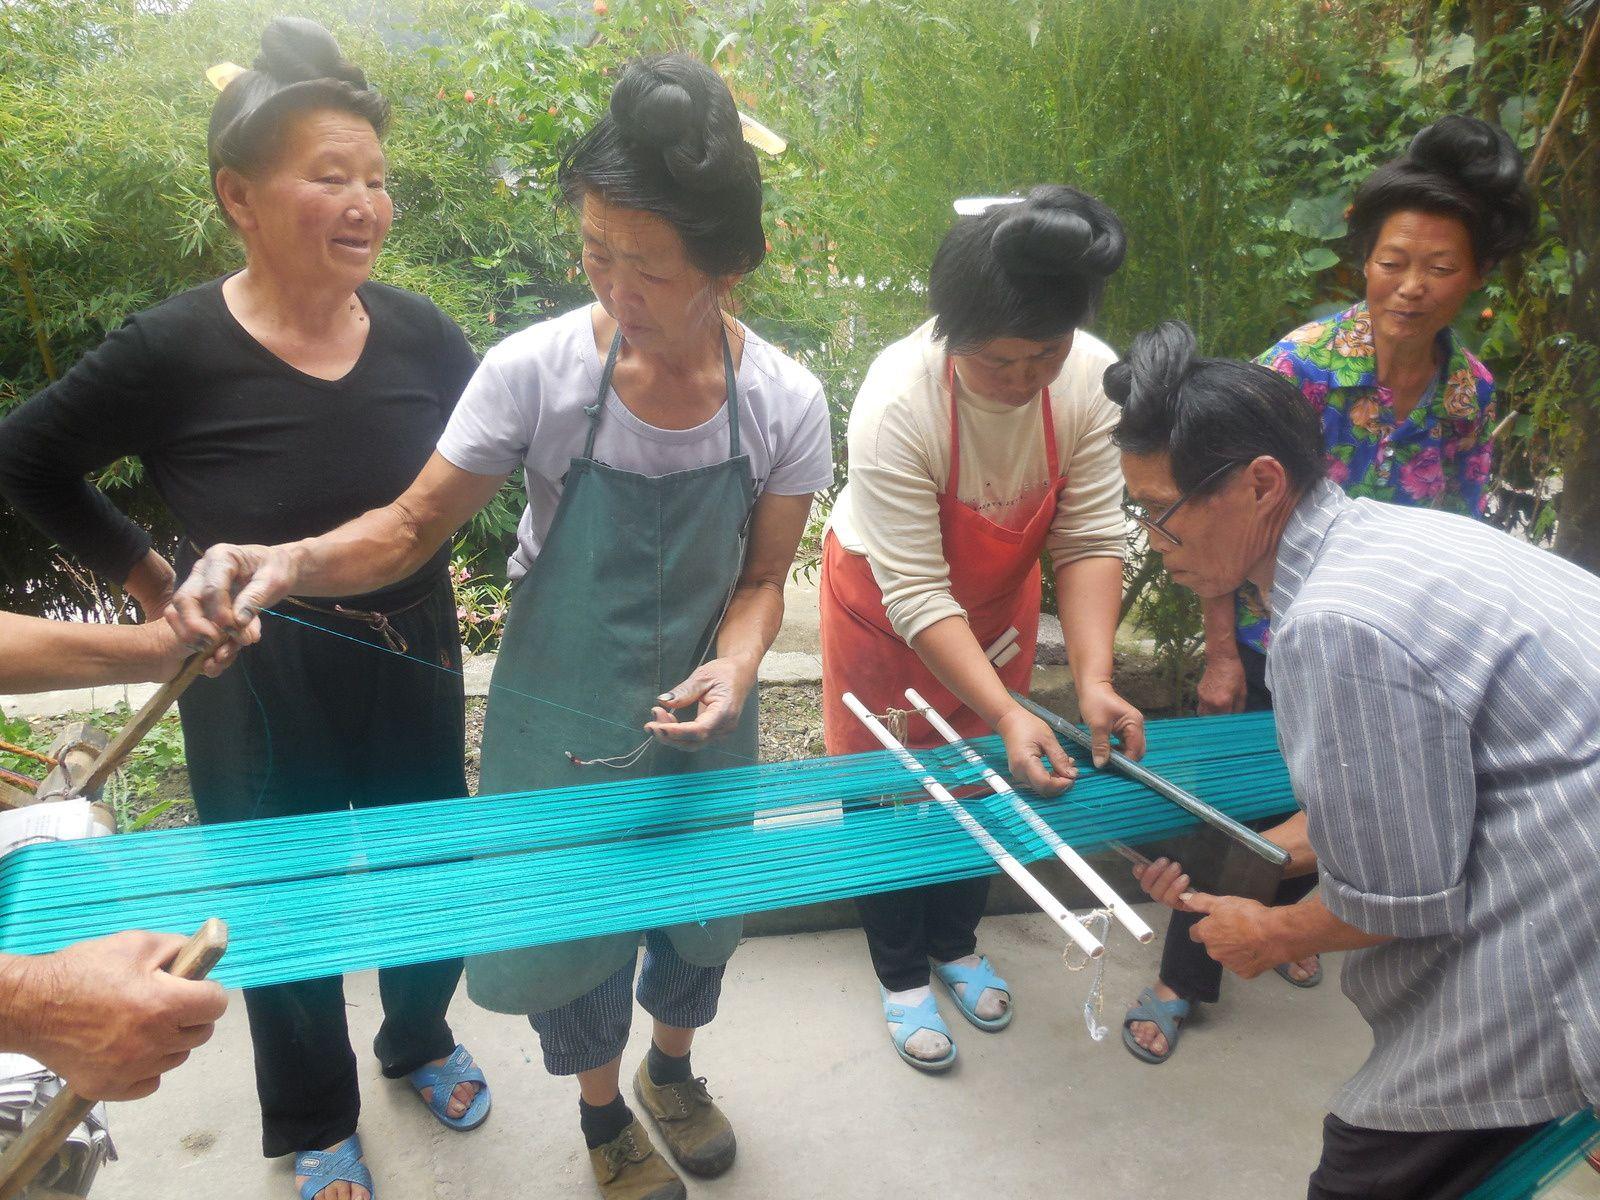 Chine: jour 8 (suite) -Les villages de Qingman et de Shiqiao